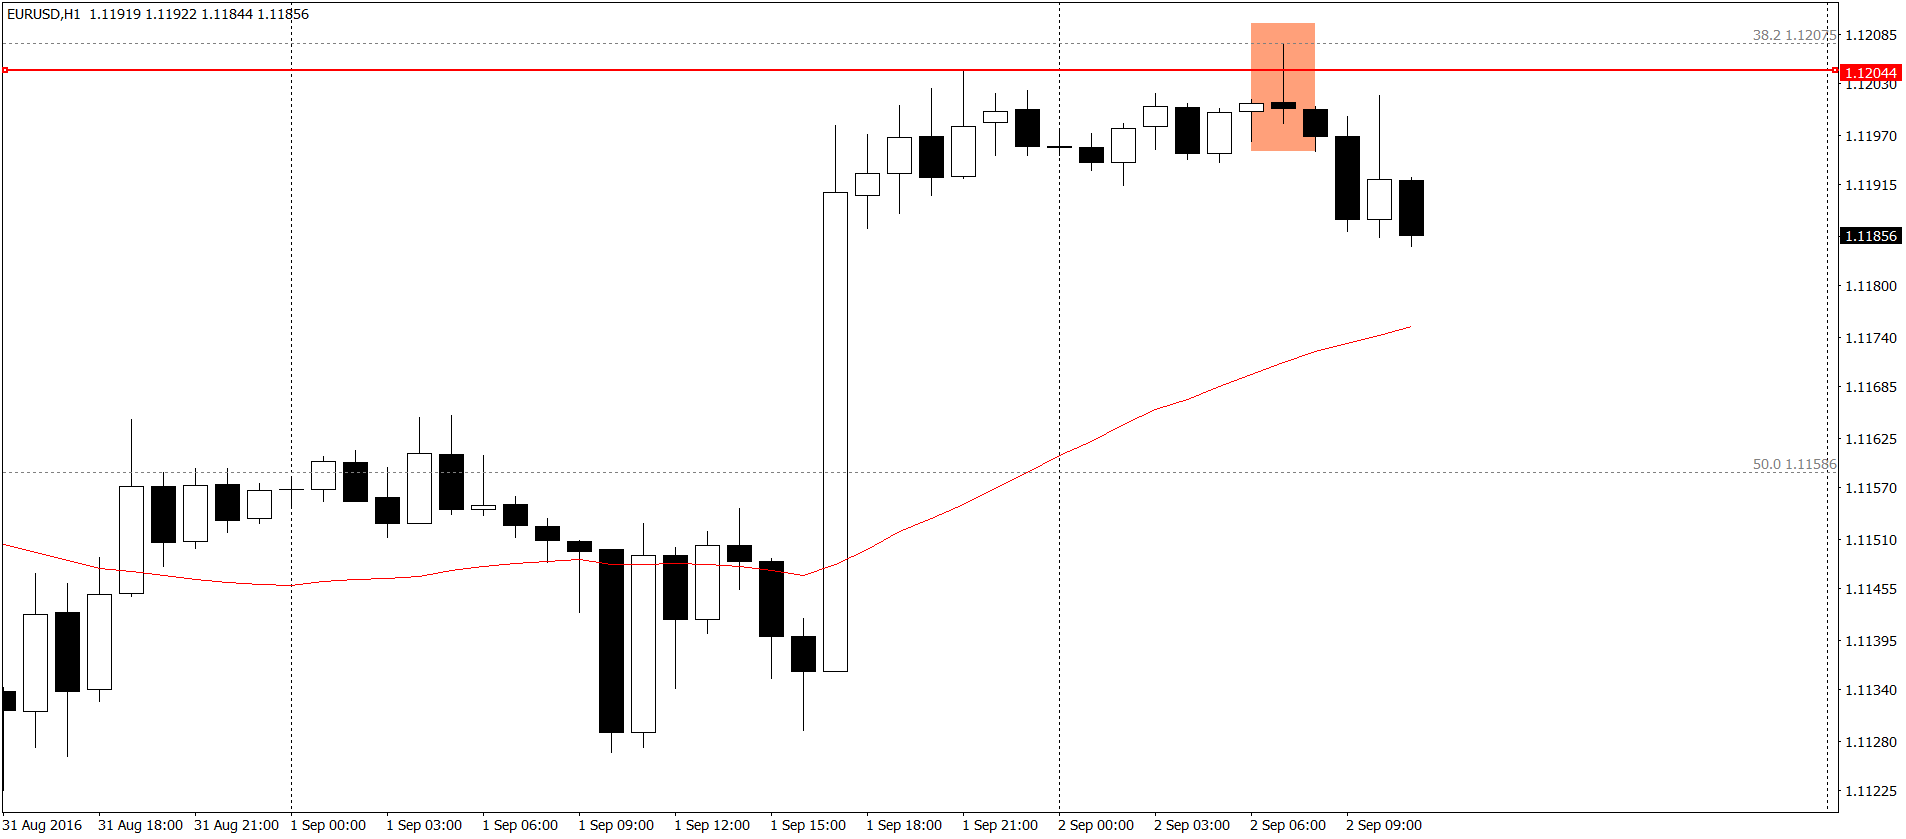 EUR/USD H1 -